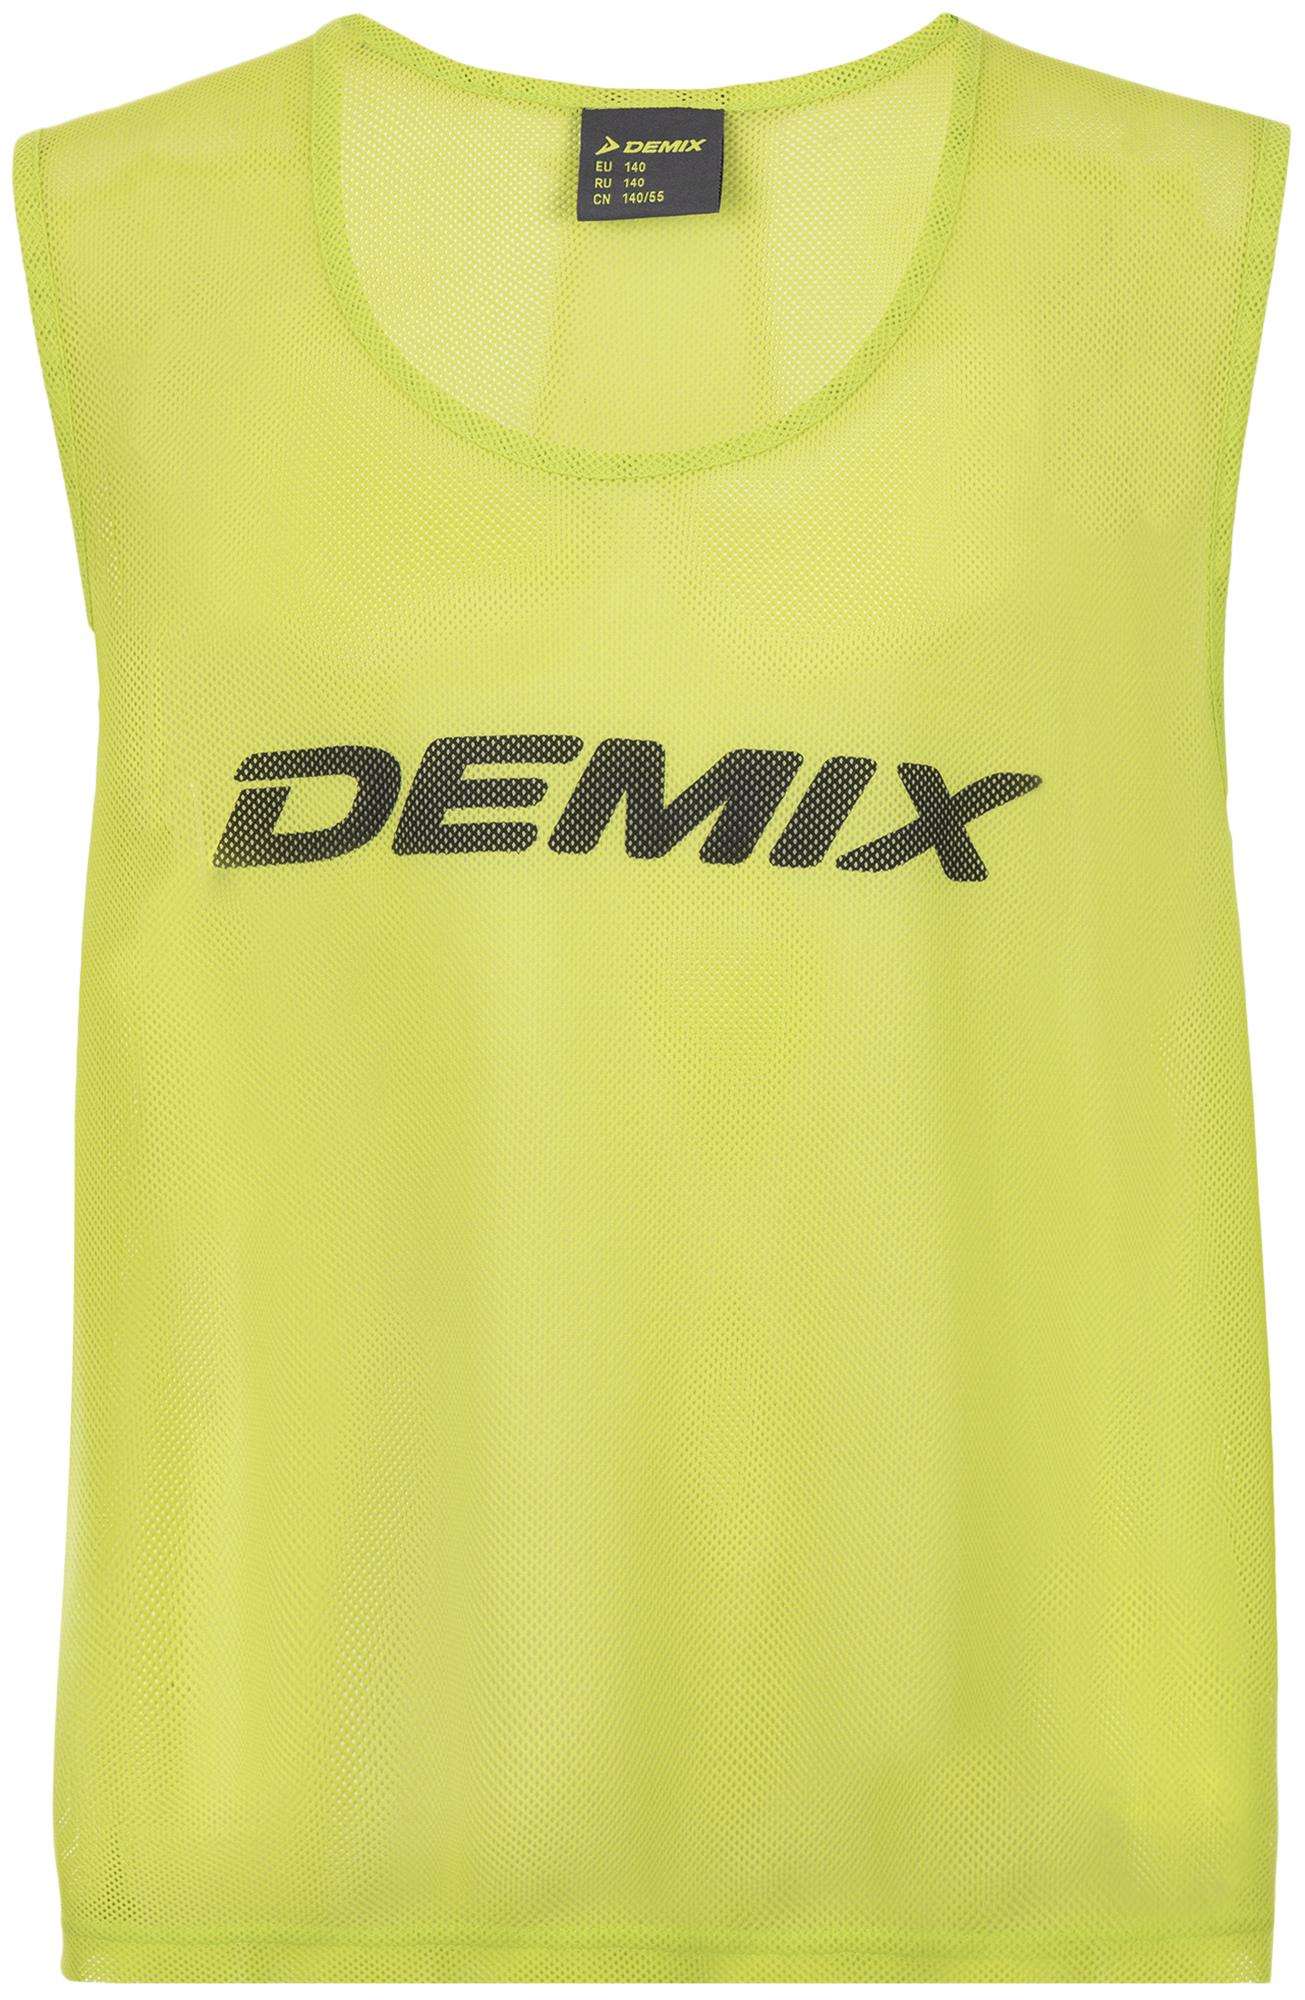 Demix Манишка для мальчиков Demix, размер 140-164